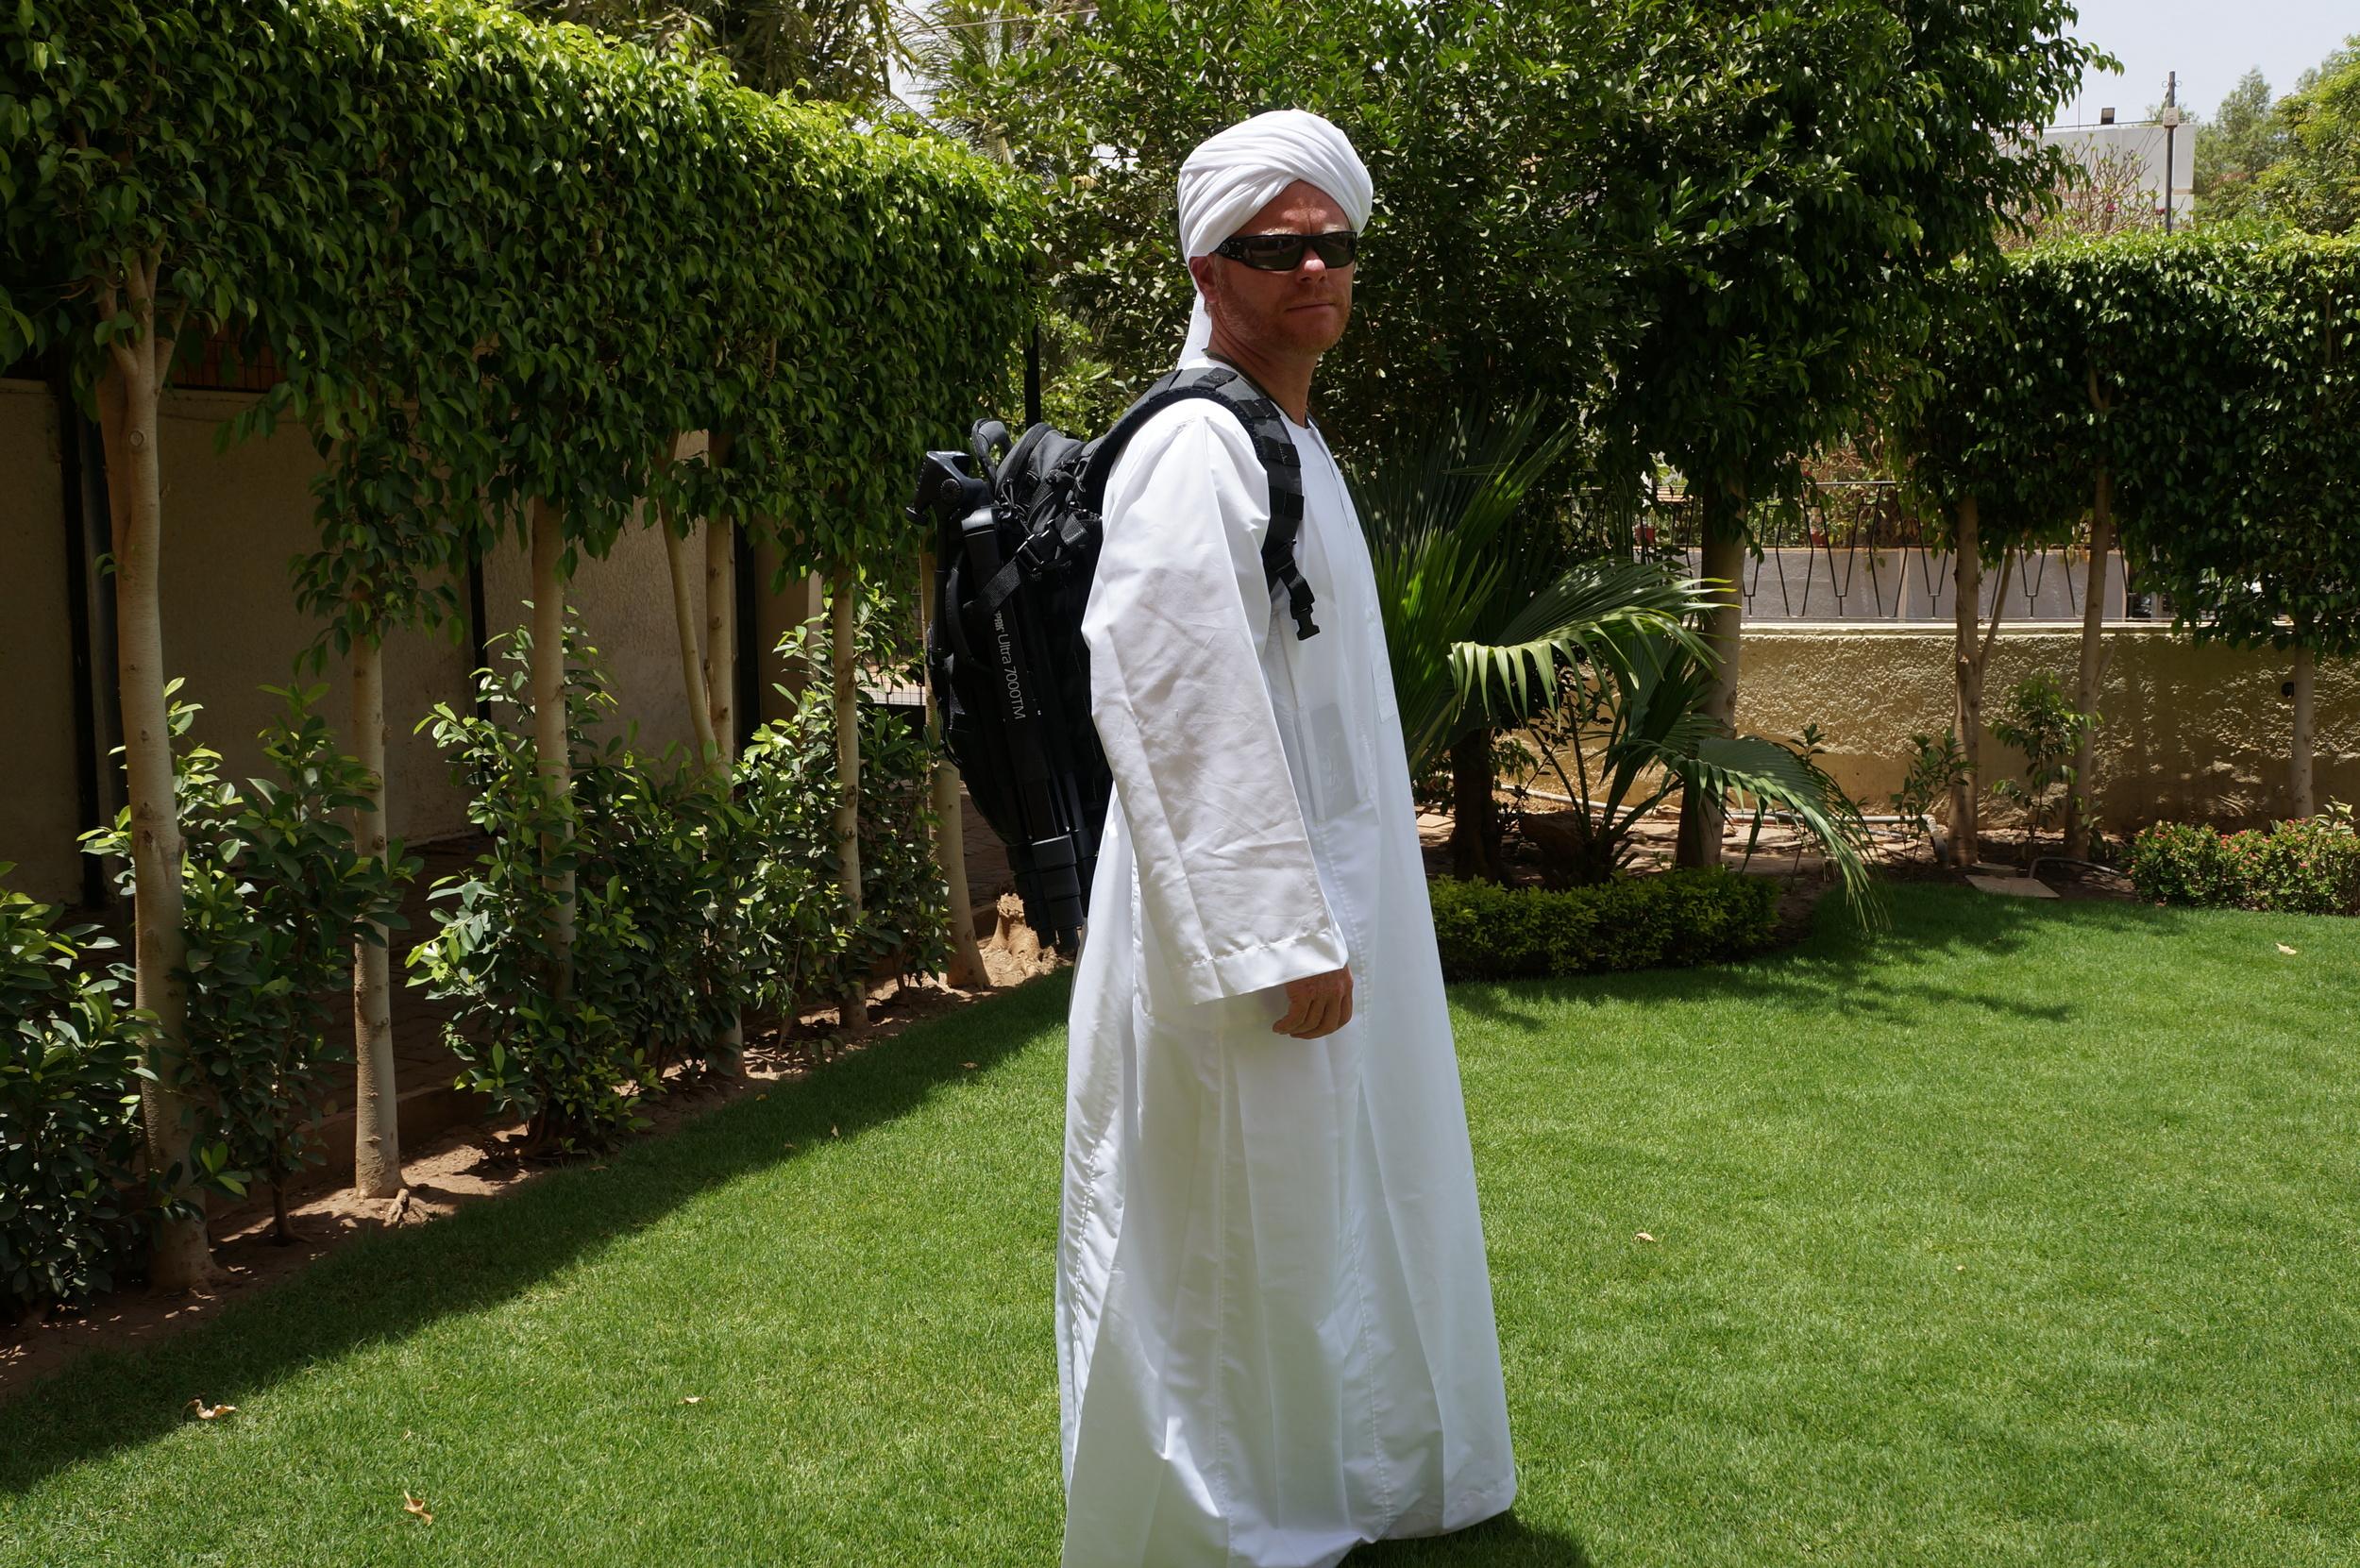 Gallery+++sudan+africa+eric+crosshairs+oakley+511+backpack+2014-04-18+03.25.53.jpg